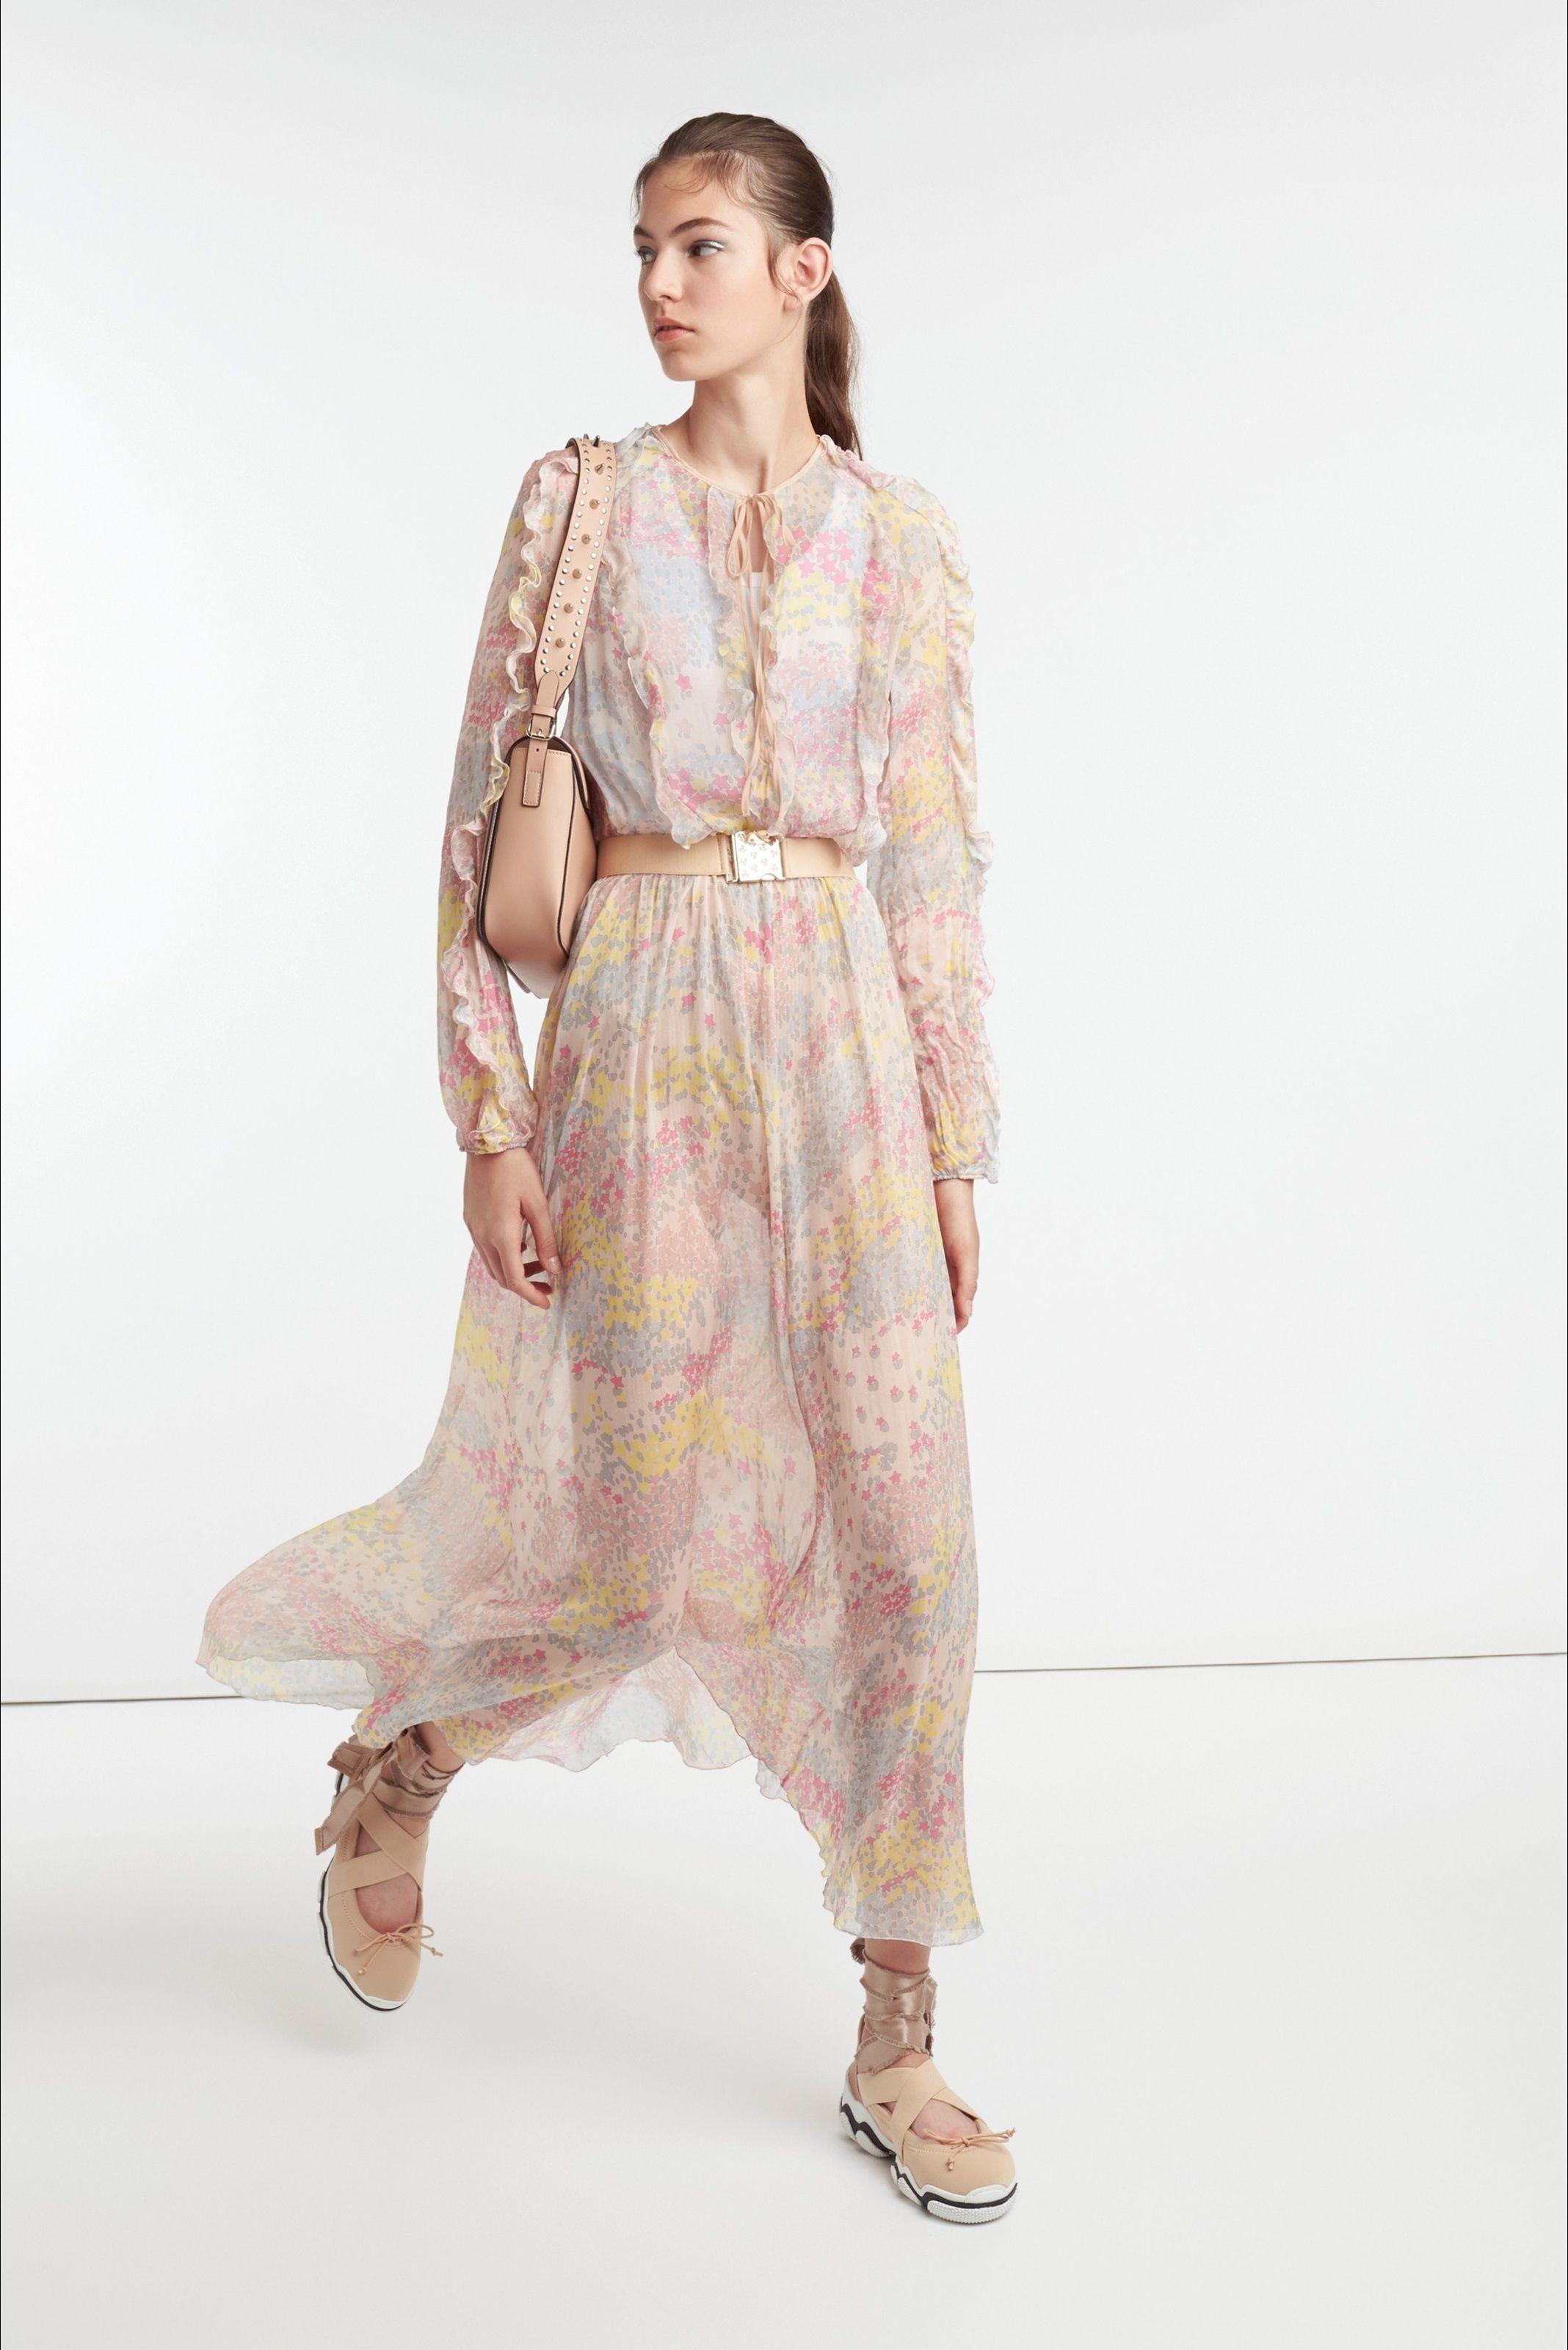 43a26539a743 Sfilata RED Valentino New York - Pre-collezioni Primavera Estate 2019 -  Vogue